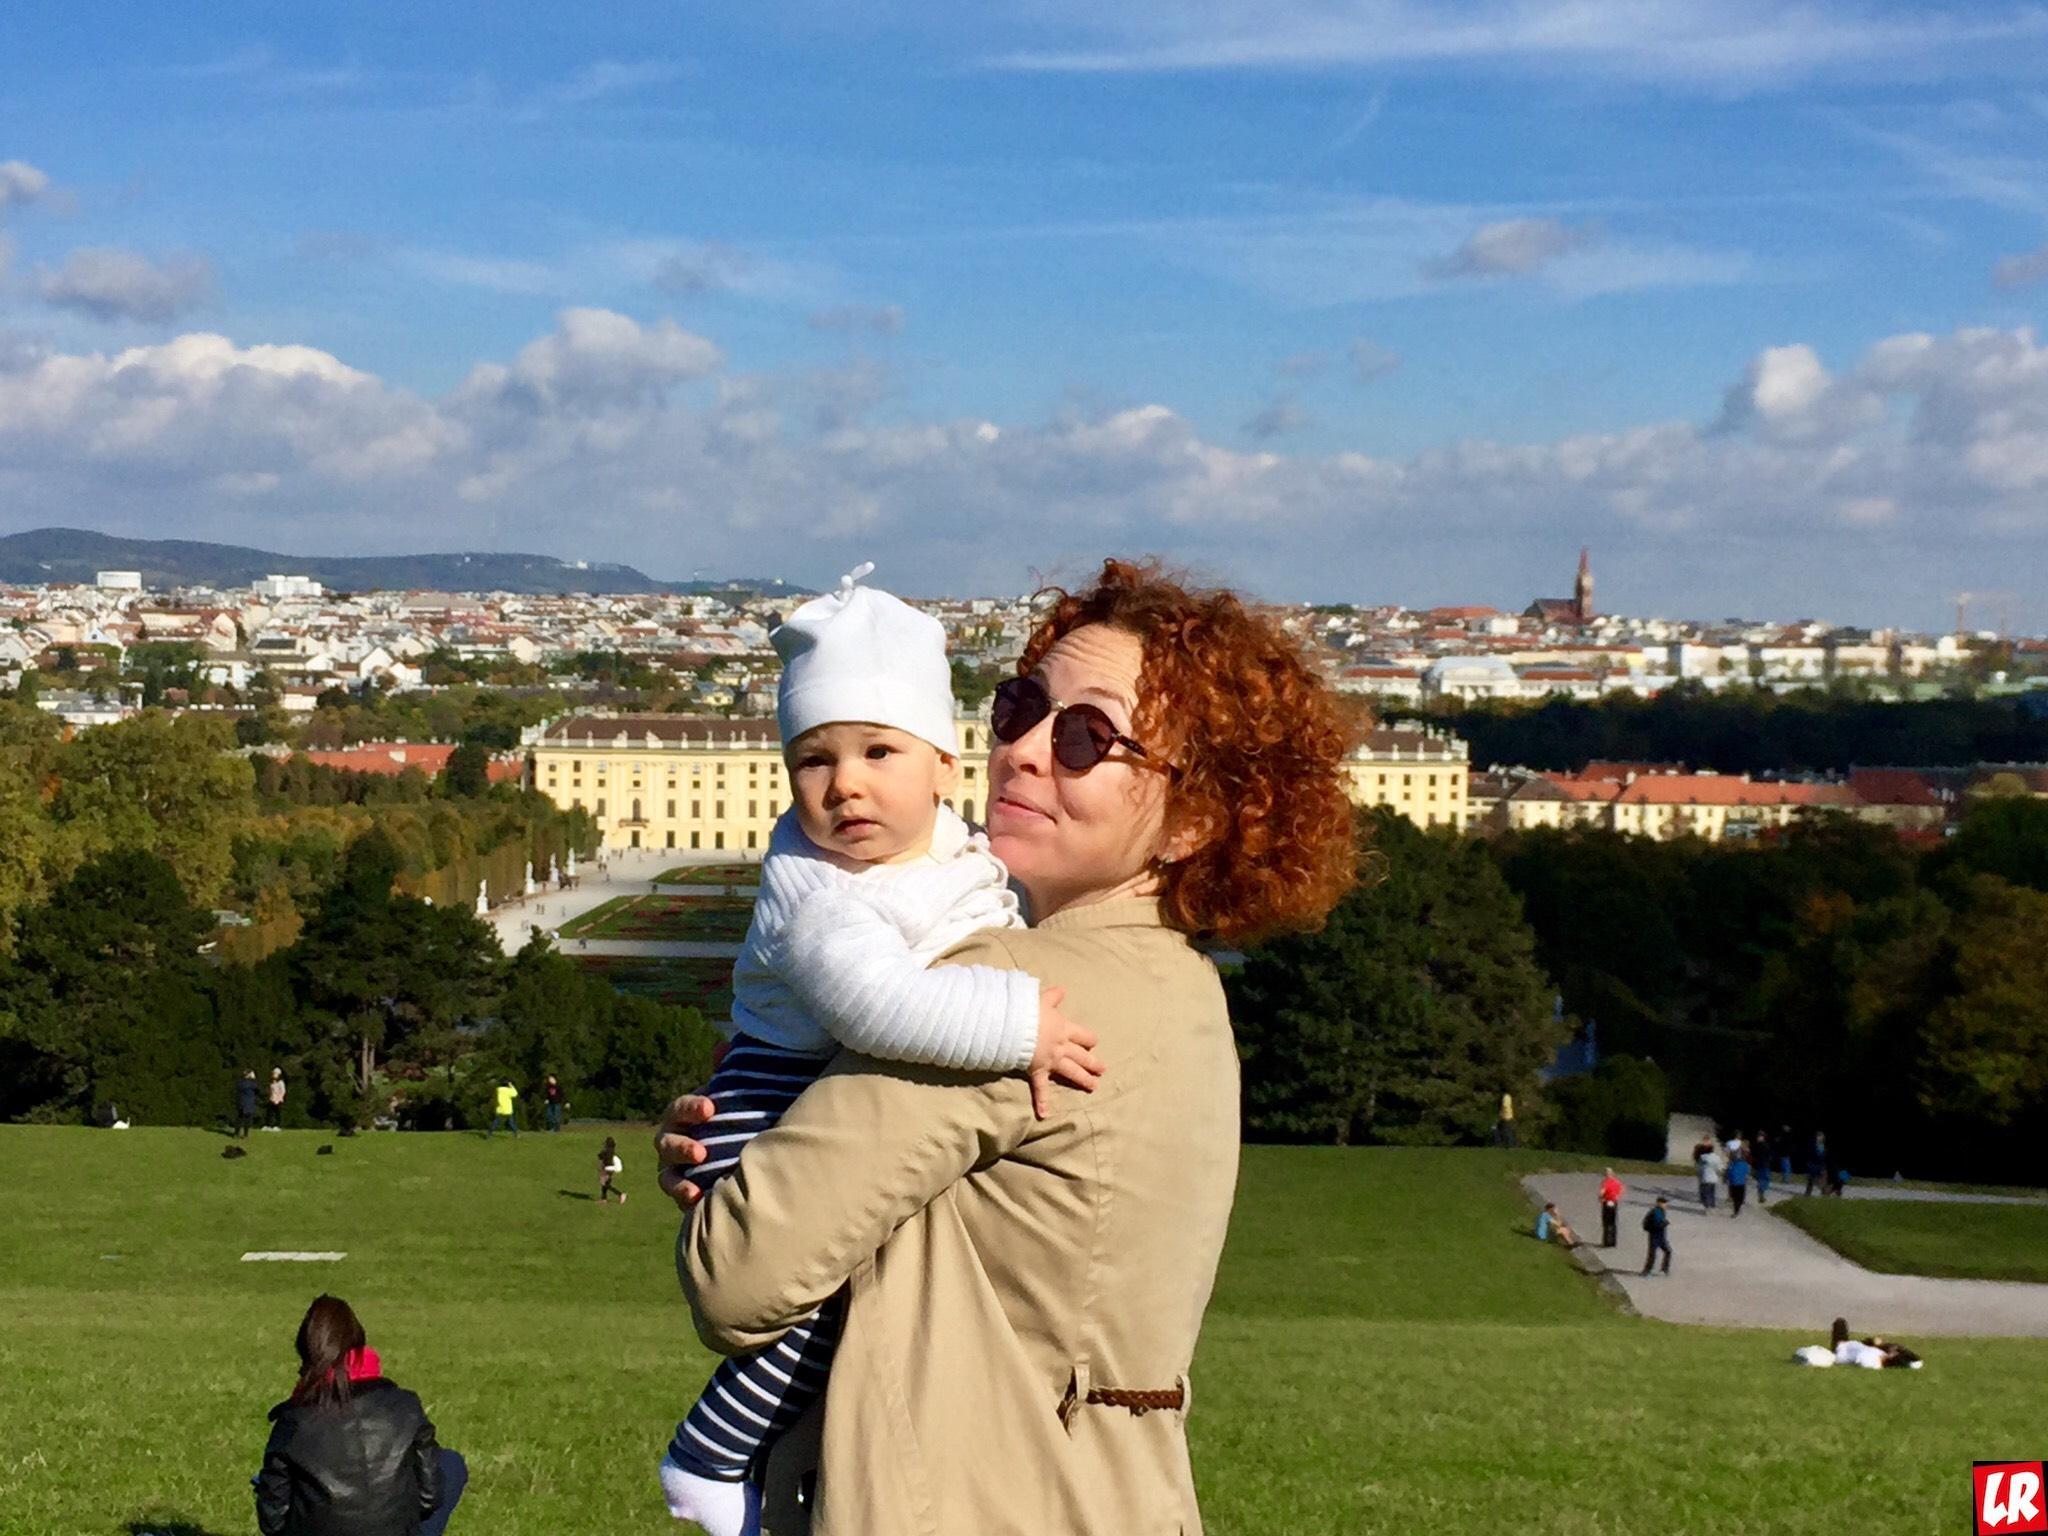 Австрия, жизнь в Австрии, Австрия глазами эмигранток, мамочка